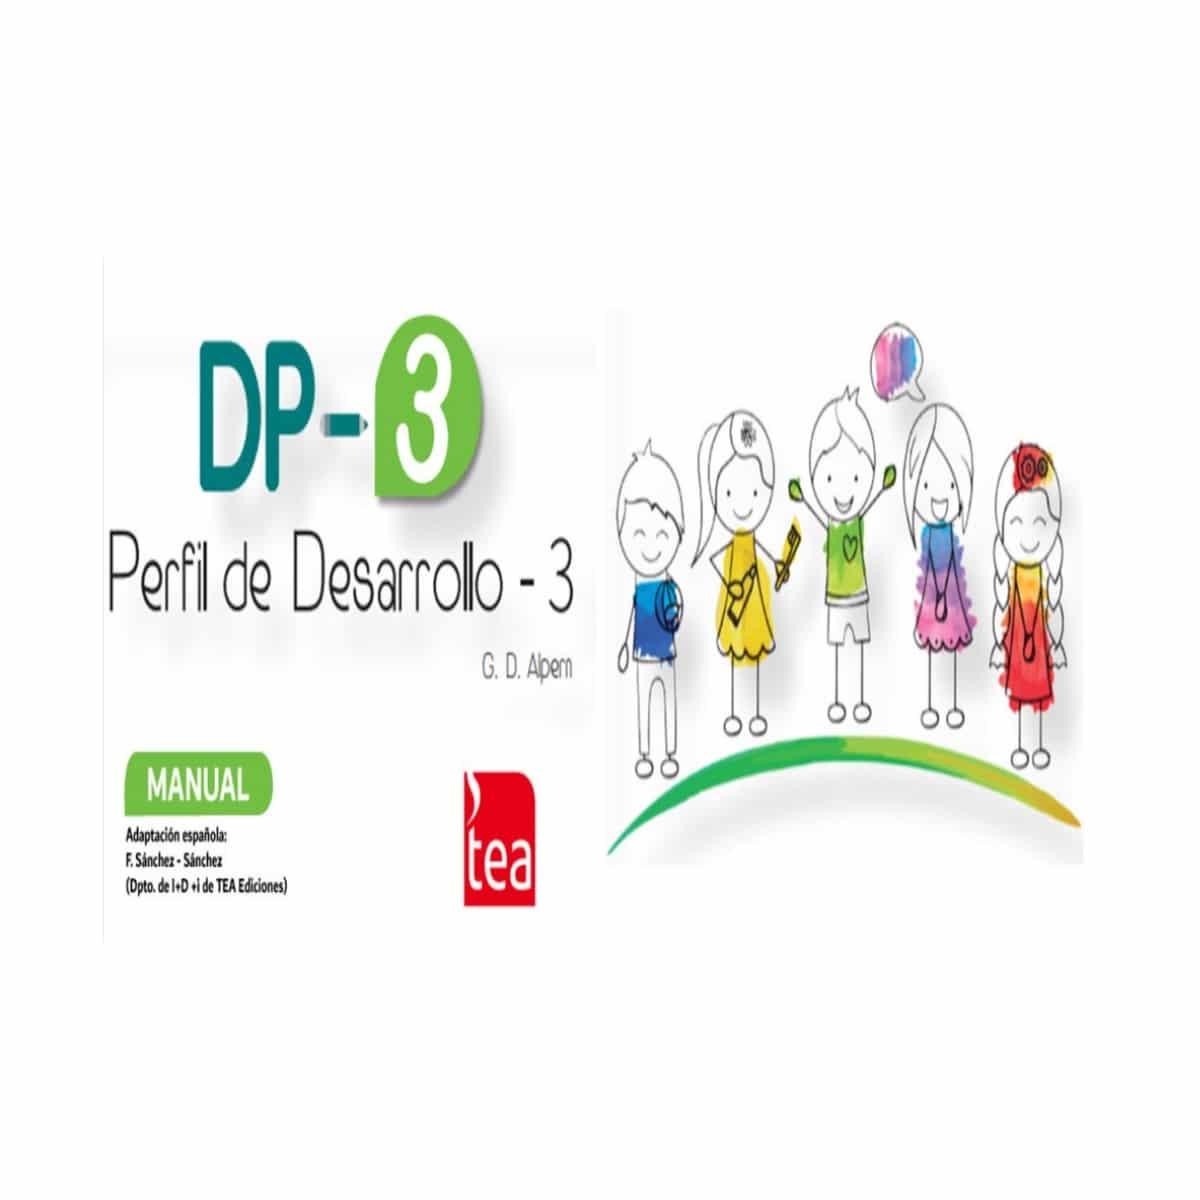 DP-3 Perfil de Desarrollo-3